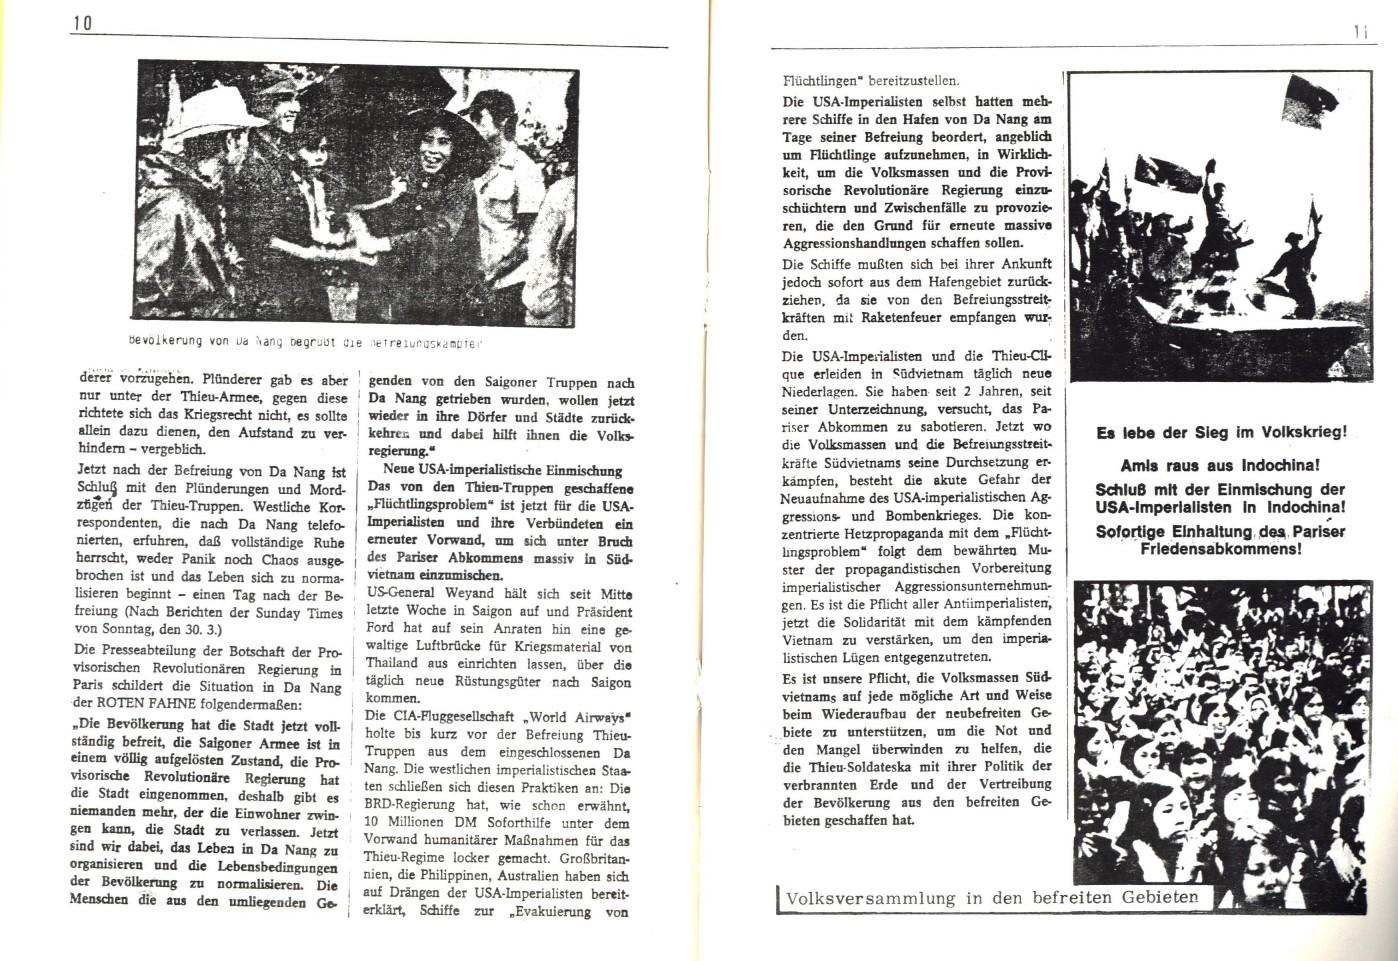 Nds_KSV_1975_Suedvietnam_06